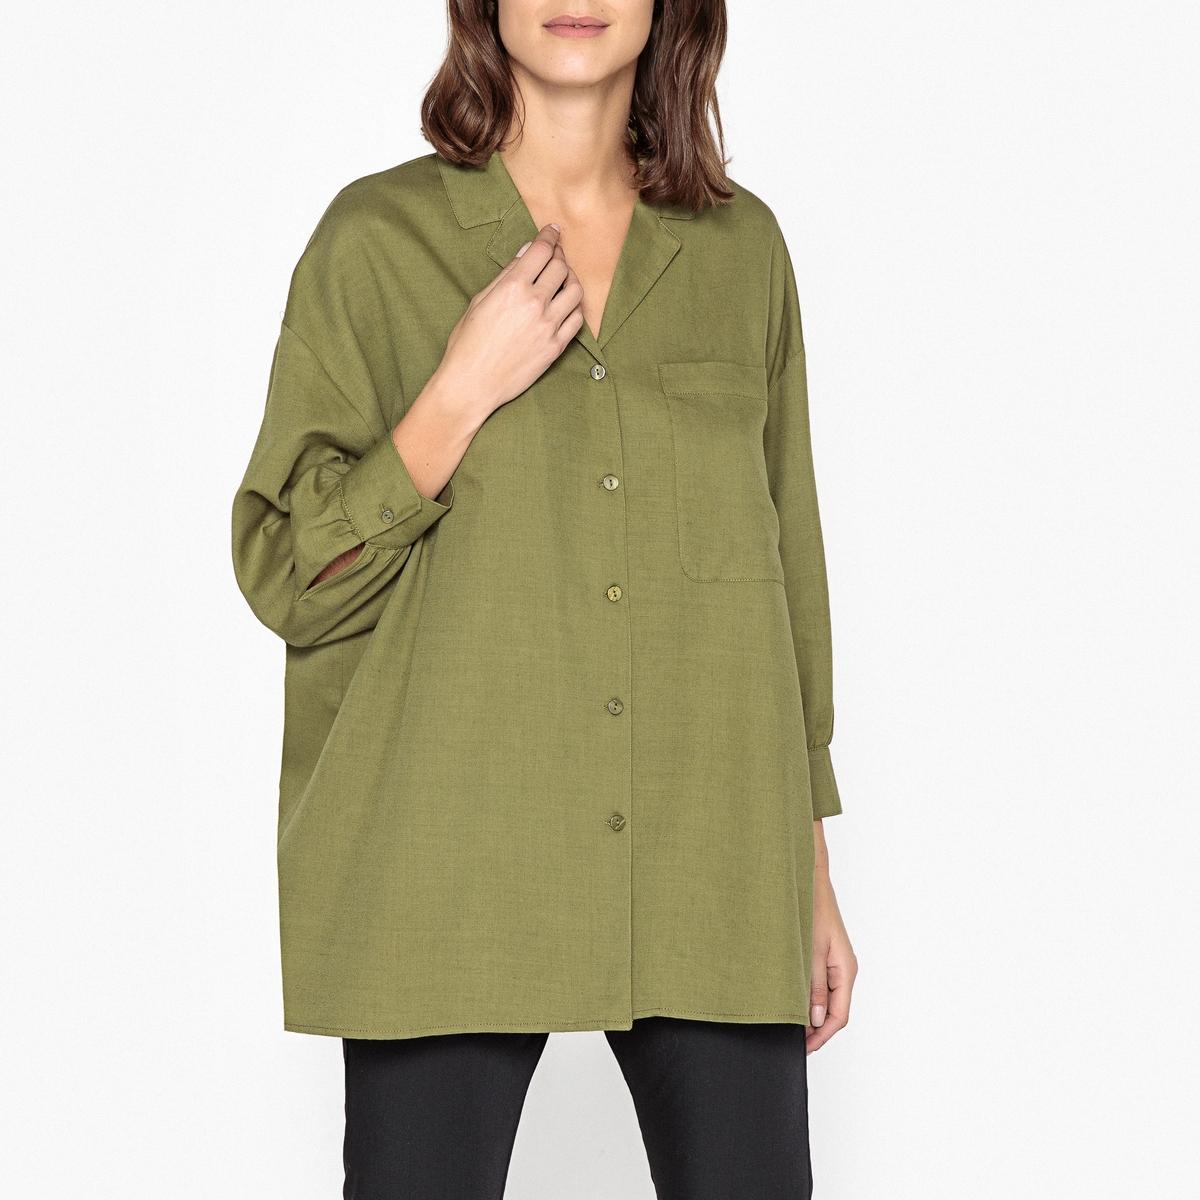 Рубашка однотонная объемного покроя YAYOWOOD женская рубашка european and american big c002617 2015